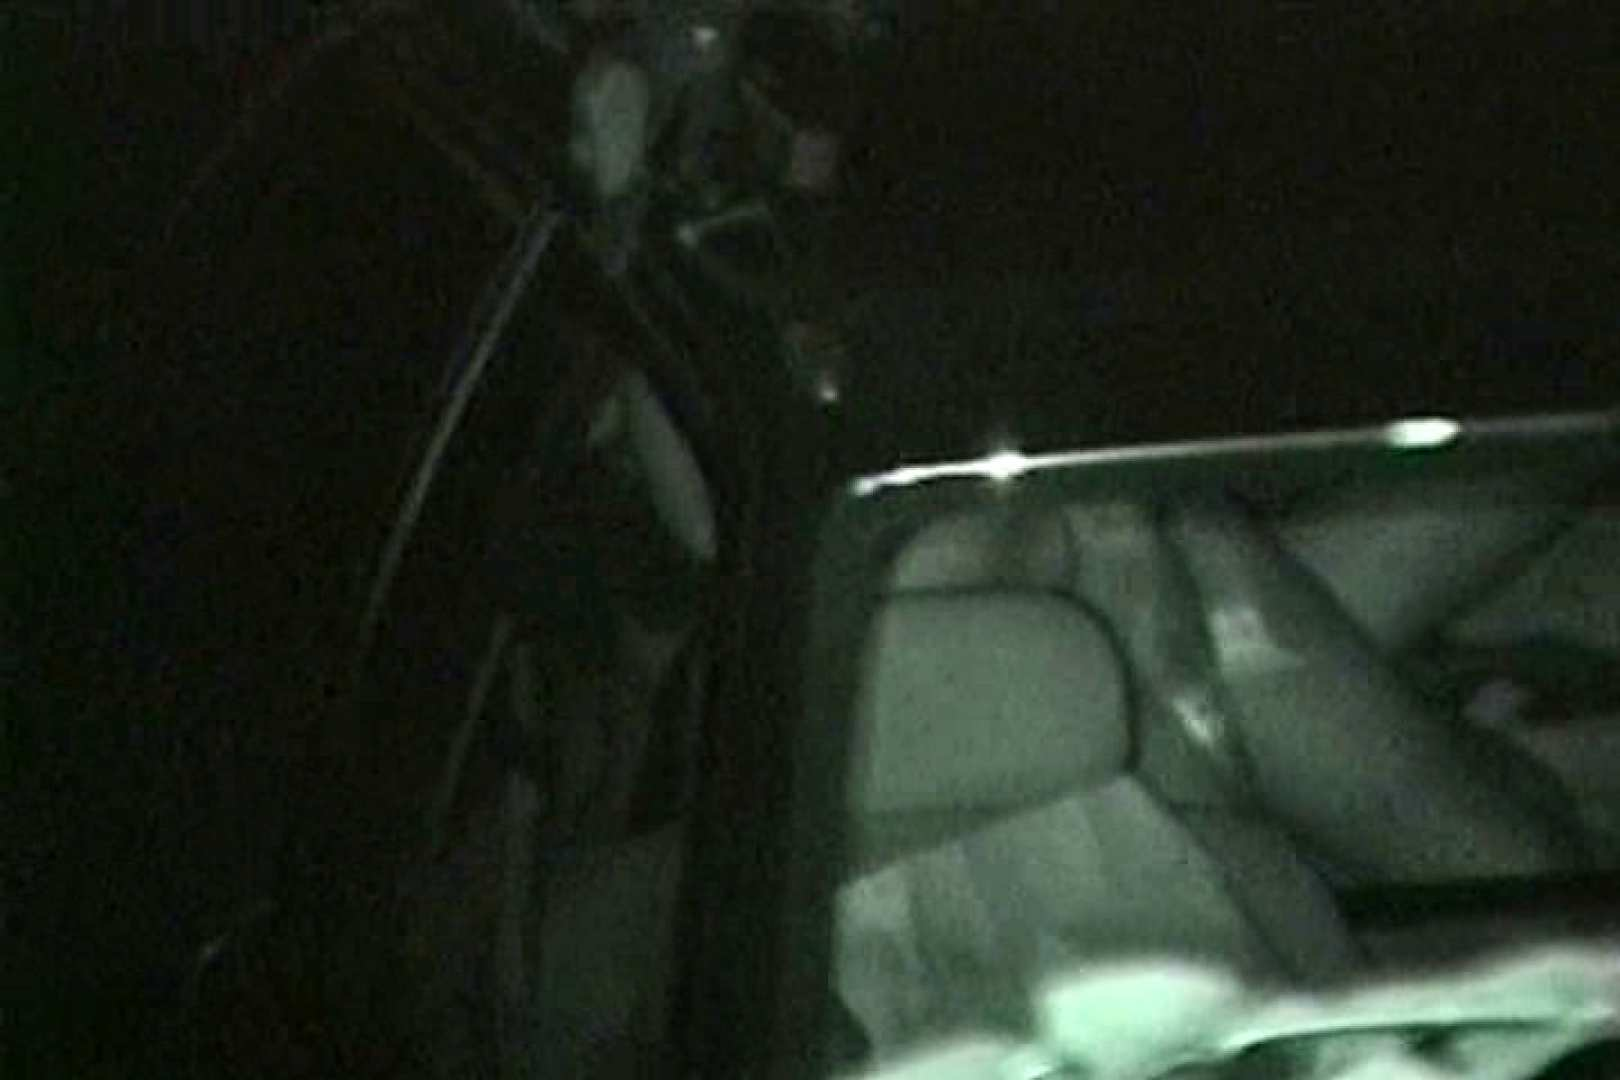 車の中はラブホテル 無修正版  Vol.8 望遠 われめAV動画紹介 68連発 5